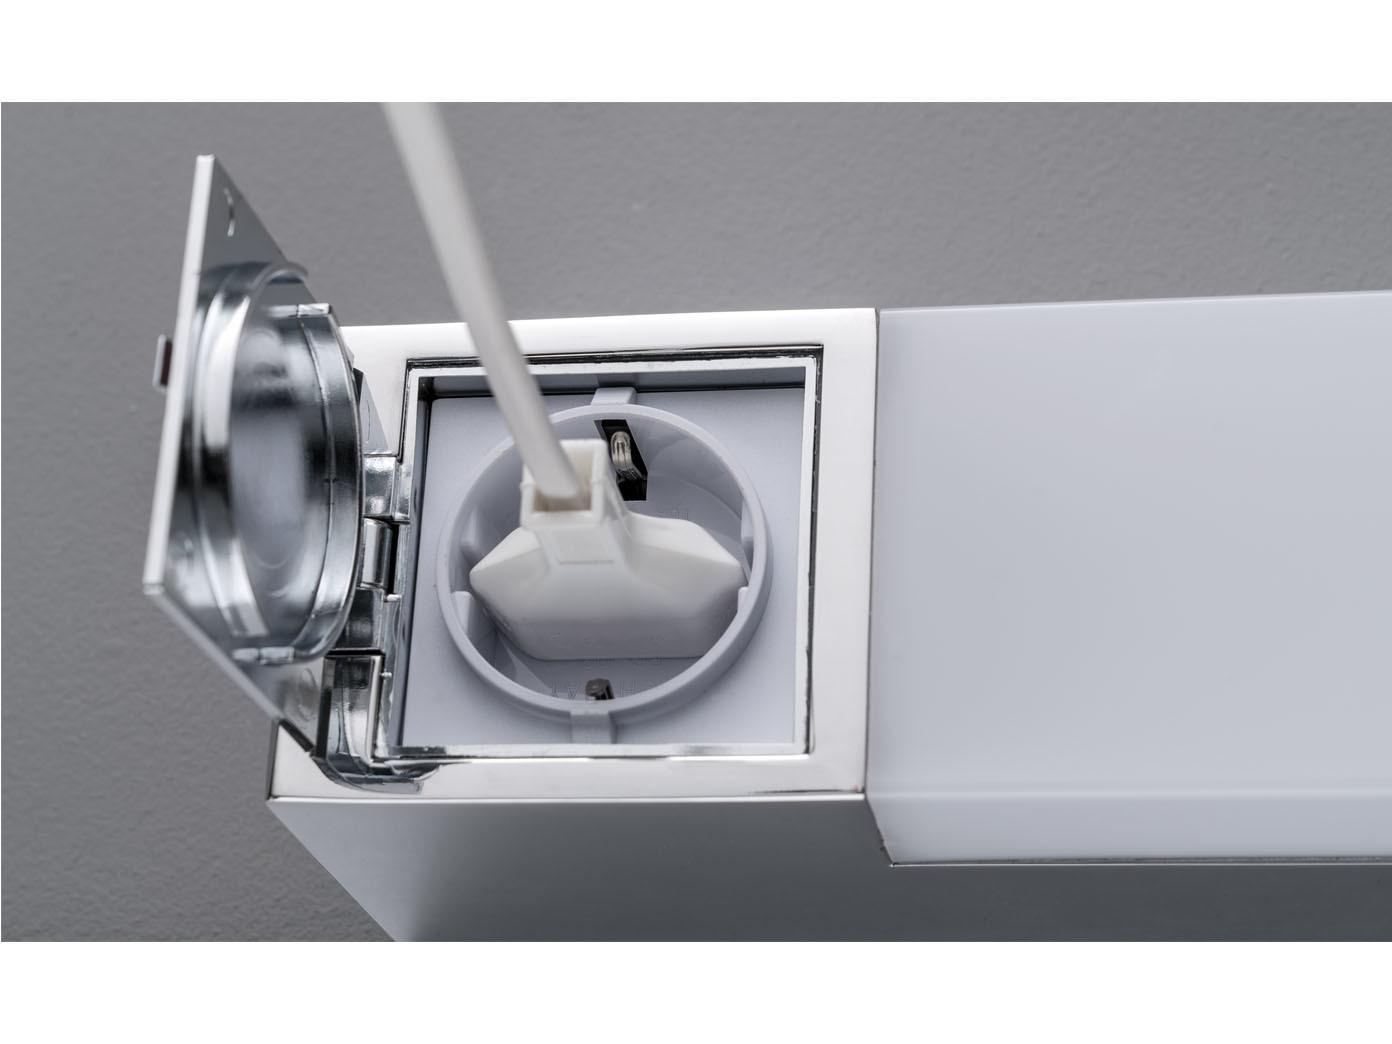 LED Badezimmerwandlampe Spiegelleuchte 60cm mit Steckdose, IP44 ...